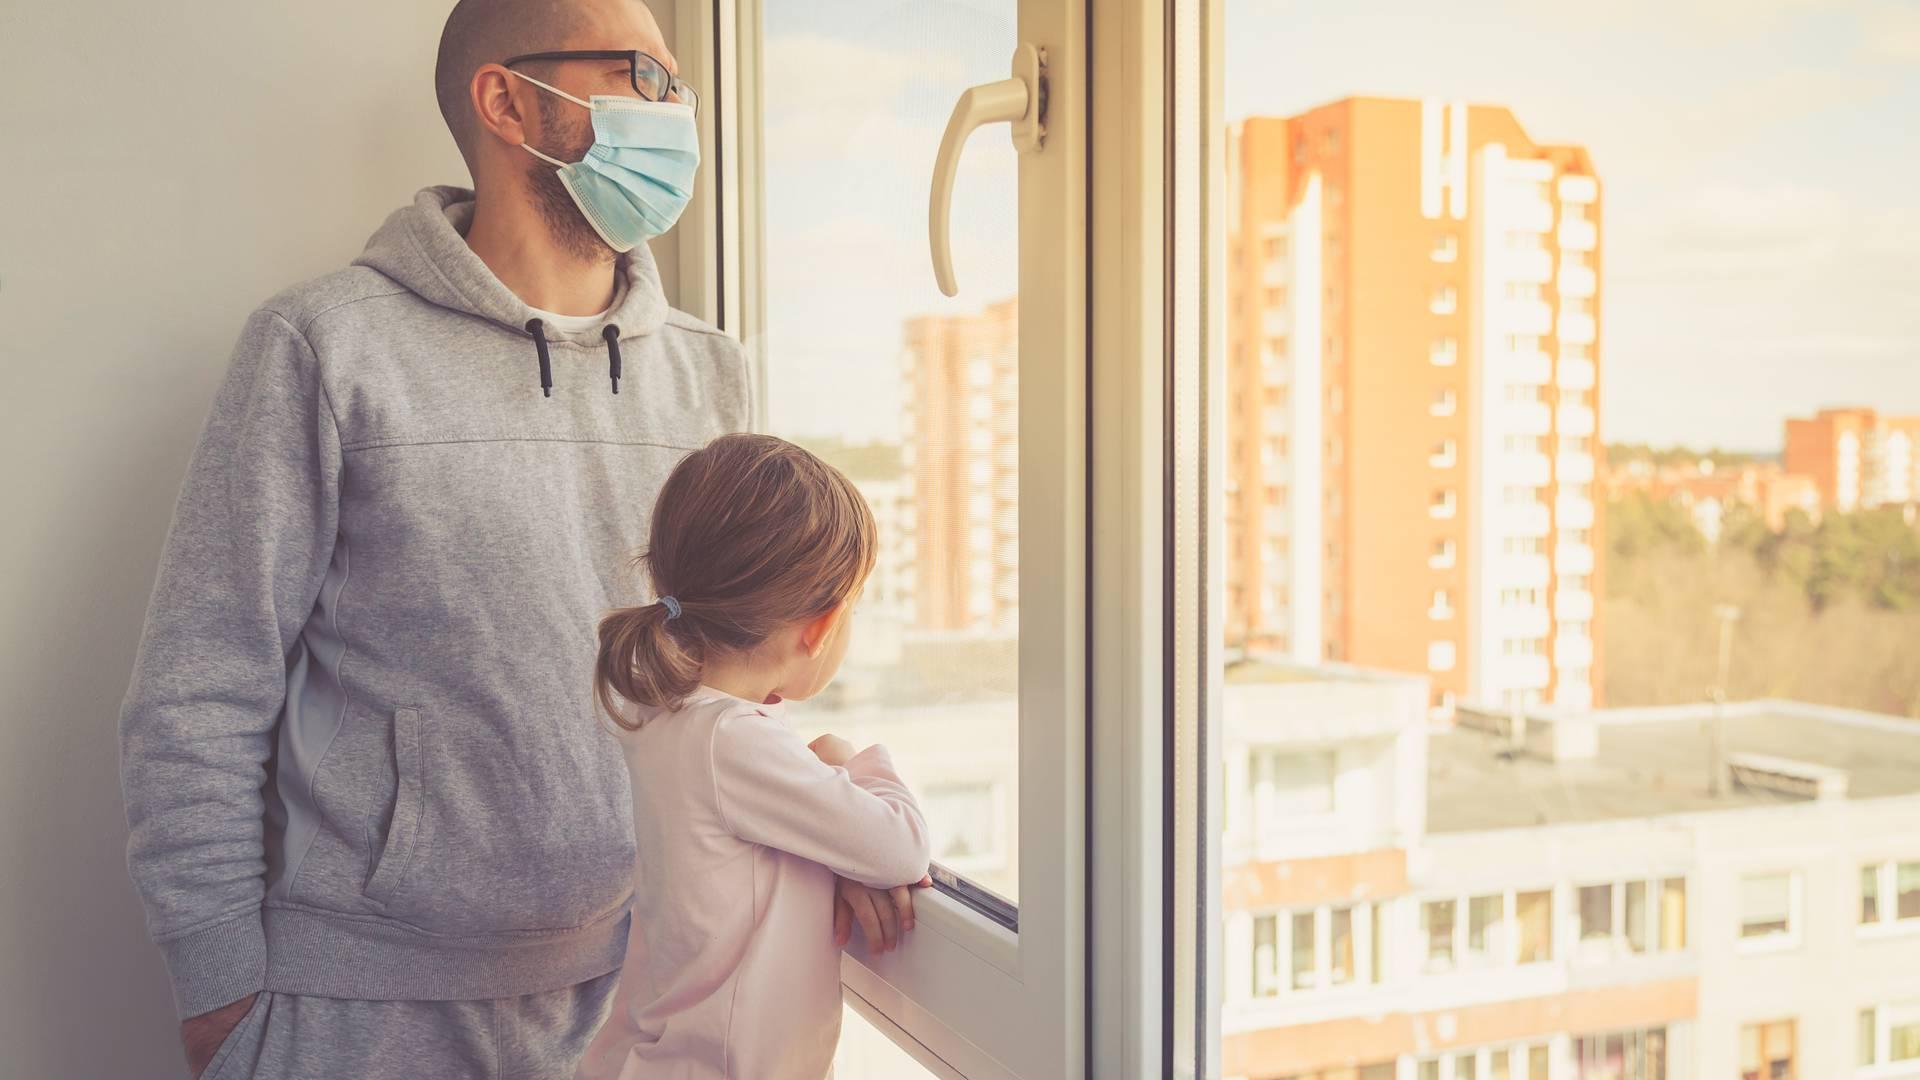 La pandemia exige repensar los espacios urbanos